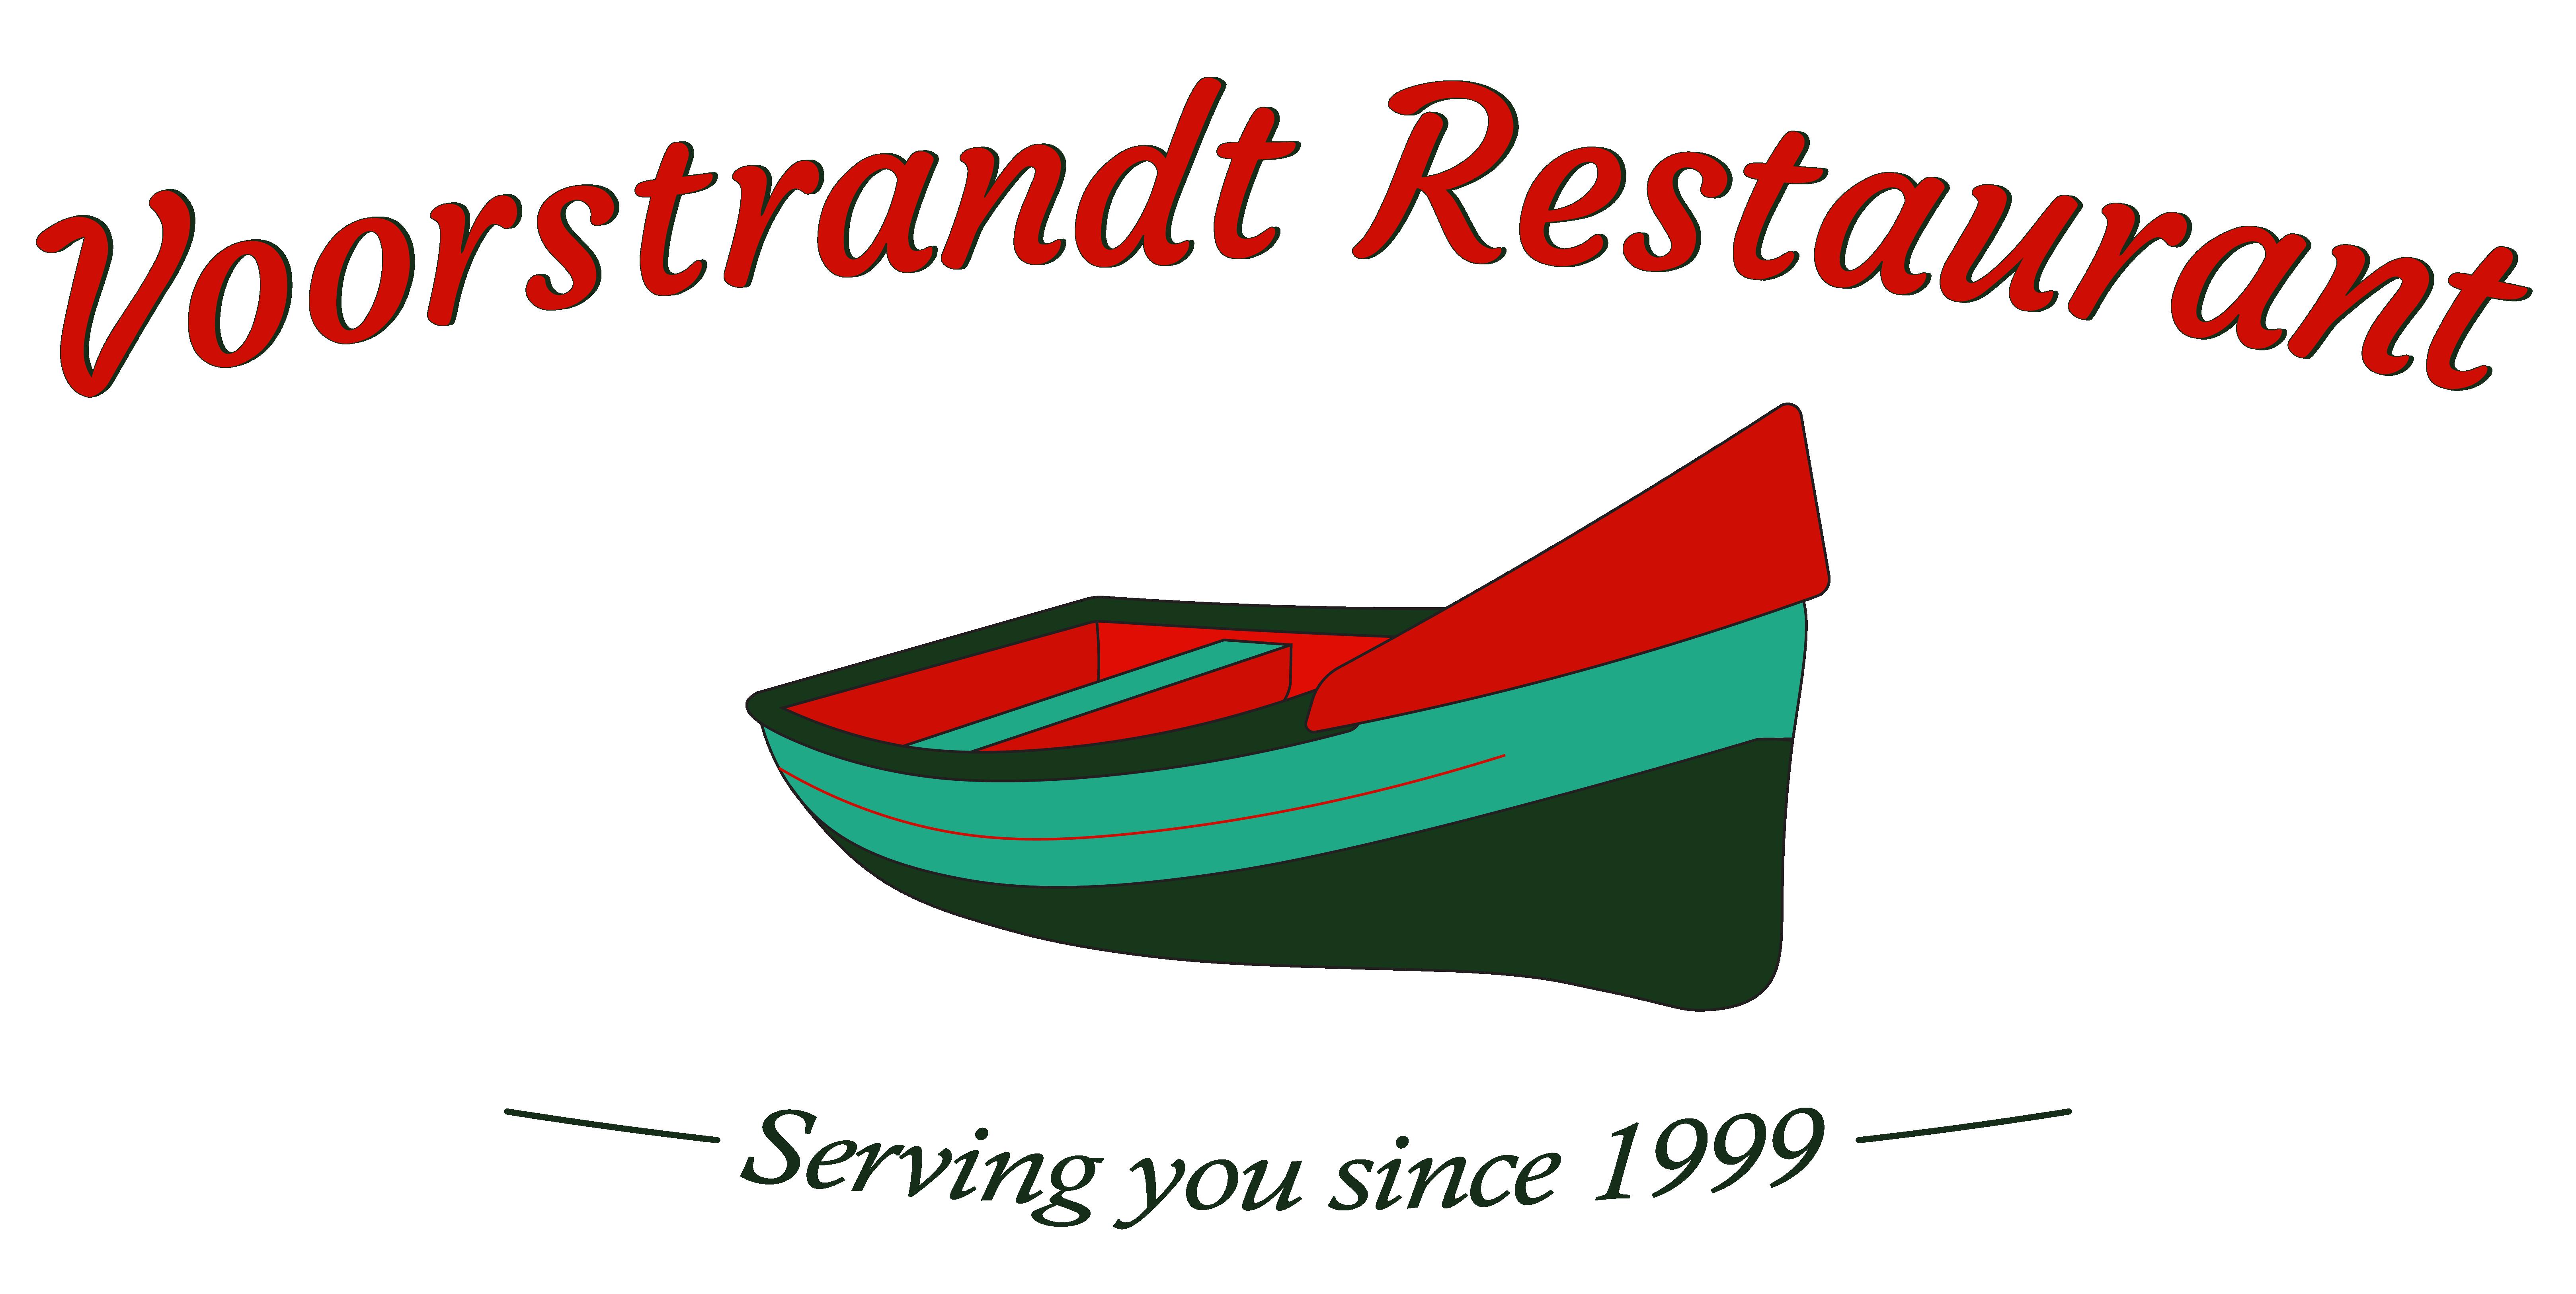 Voorstrandt Restaurant